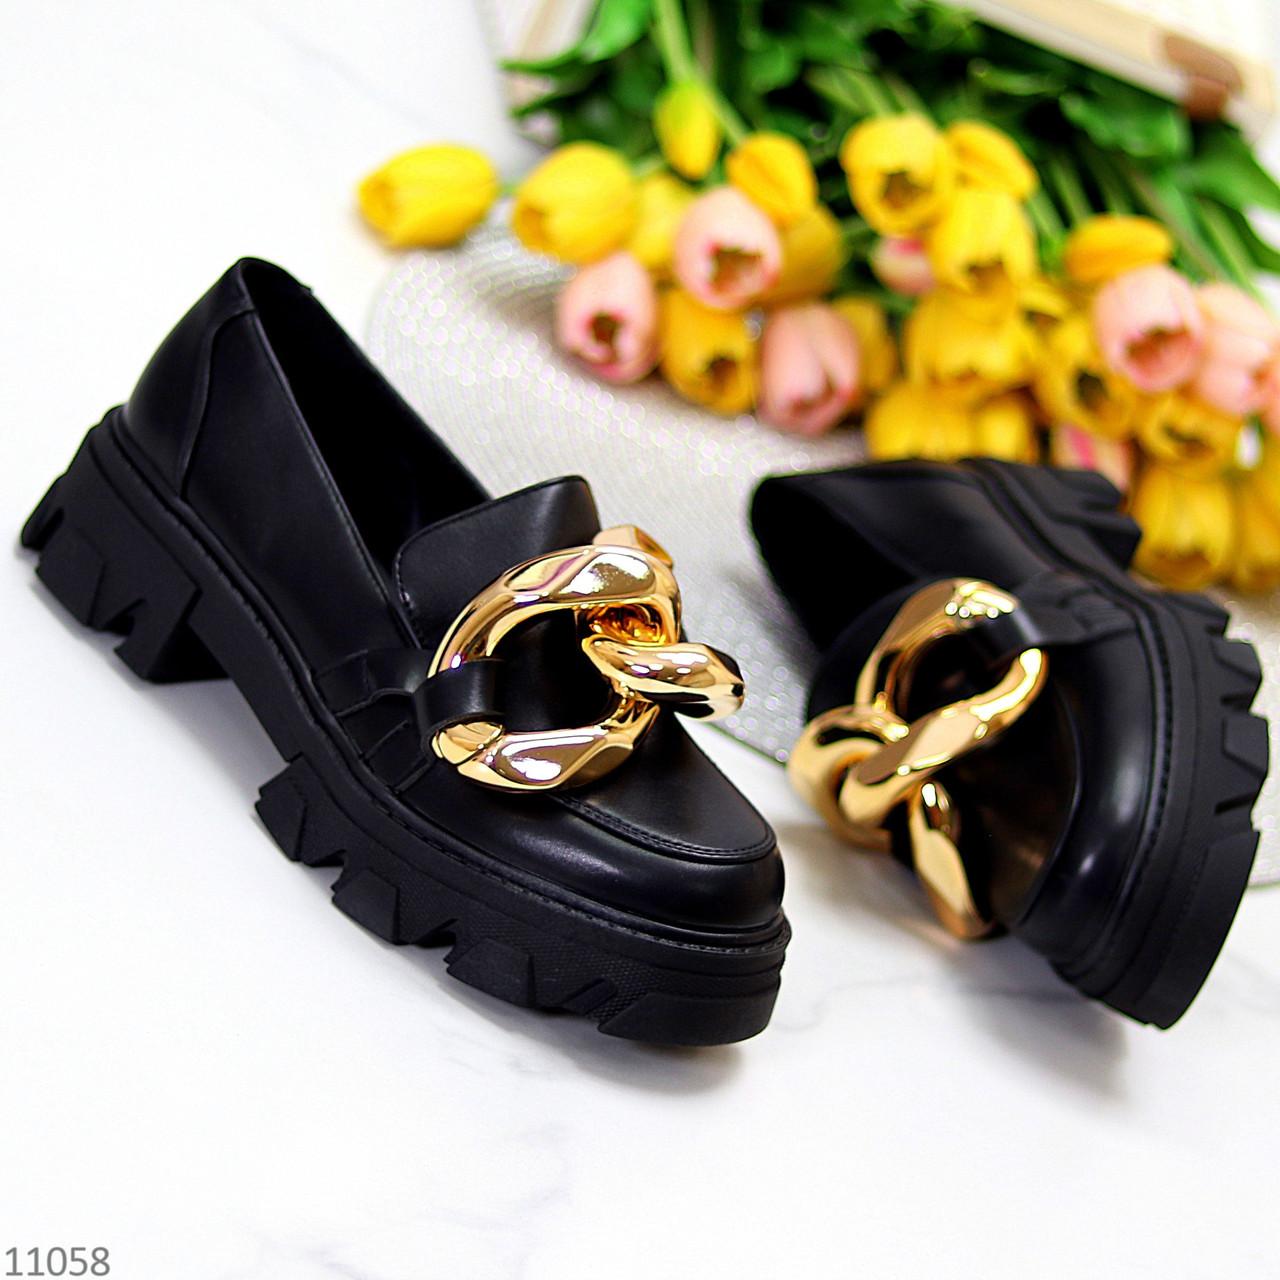 Эффектные модные черные туфли с декором на массивной подошве 38-24,5 39-25 см